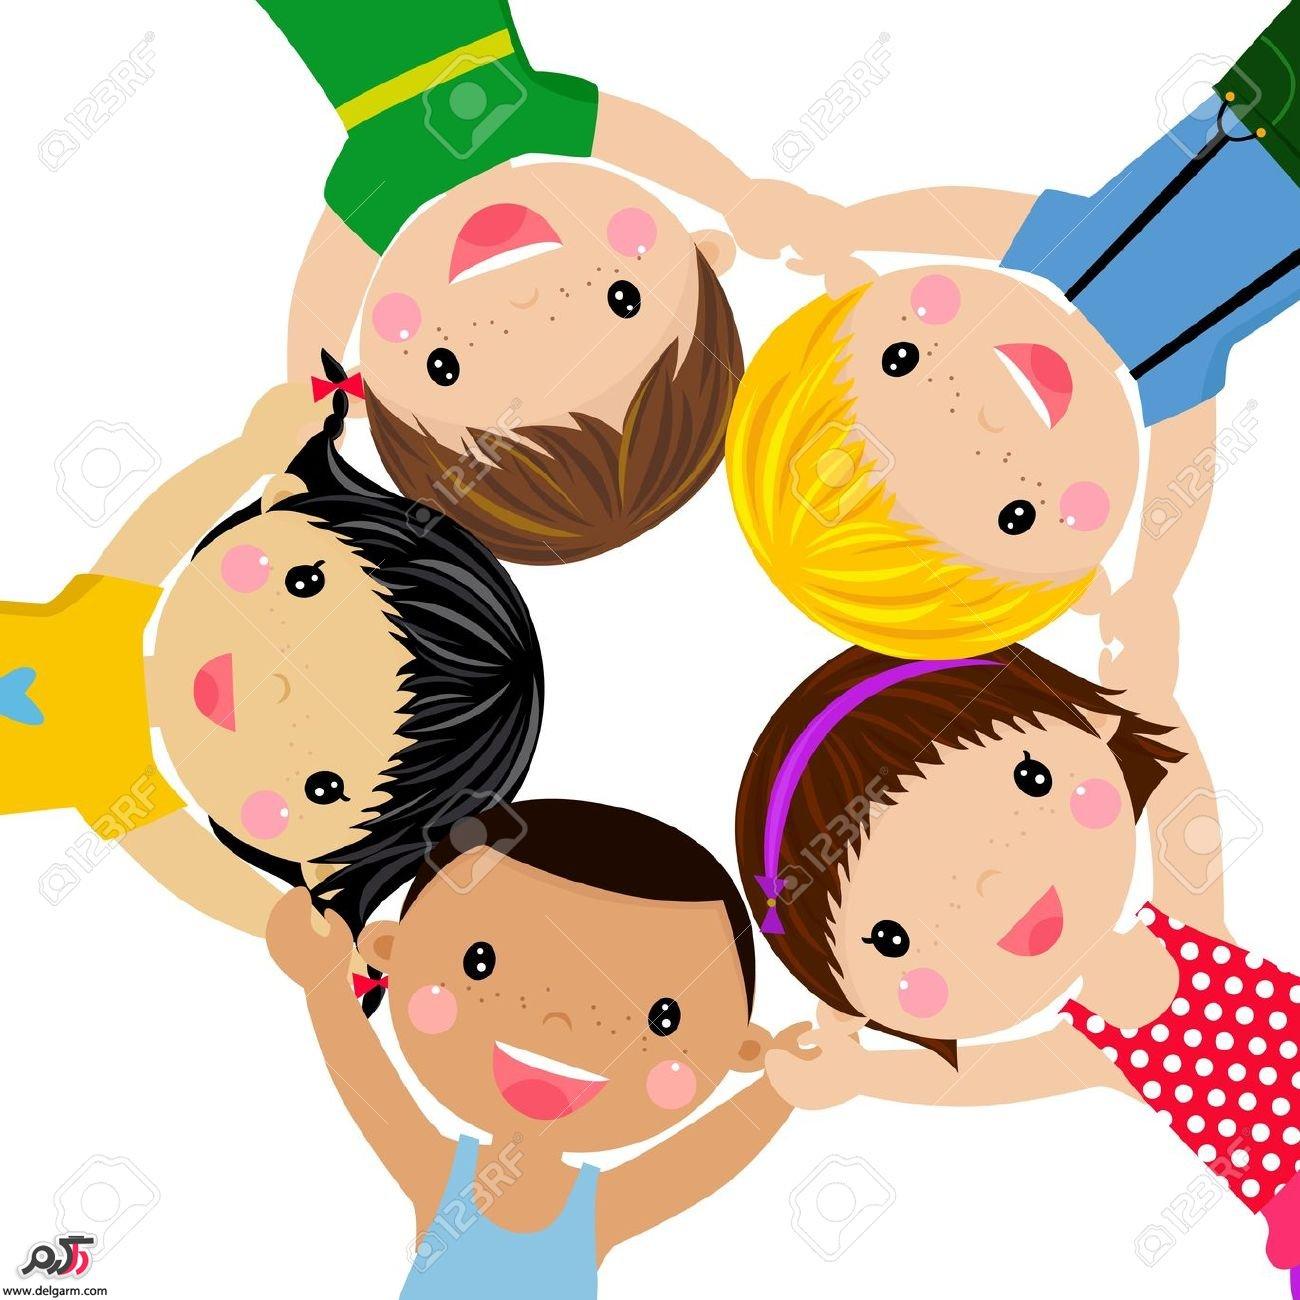 آشنایی با روز جهانی کودک روز کودک روزی است که برای یادبود و افتخار کودکان شناخته شدهاست. کشورها و سازمانهای بینالمللی مختلف، روزهای متفاوتی را بهعنوان روز کودک اعلام کردهاند و آن را جشن میگیرند.سازمان ملل متحد، ۲۰ نوامبر (۲۹ آبان) را روز جهانی کودک اعلام کردهاست.